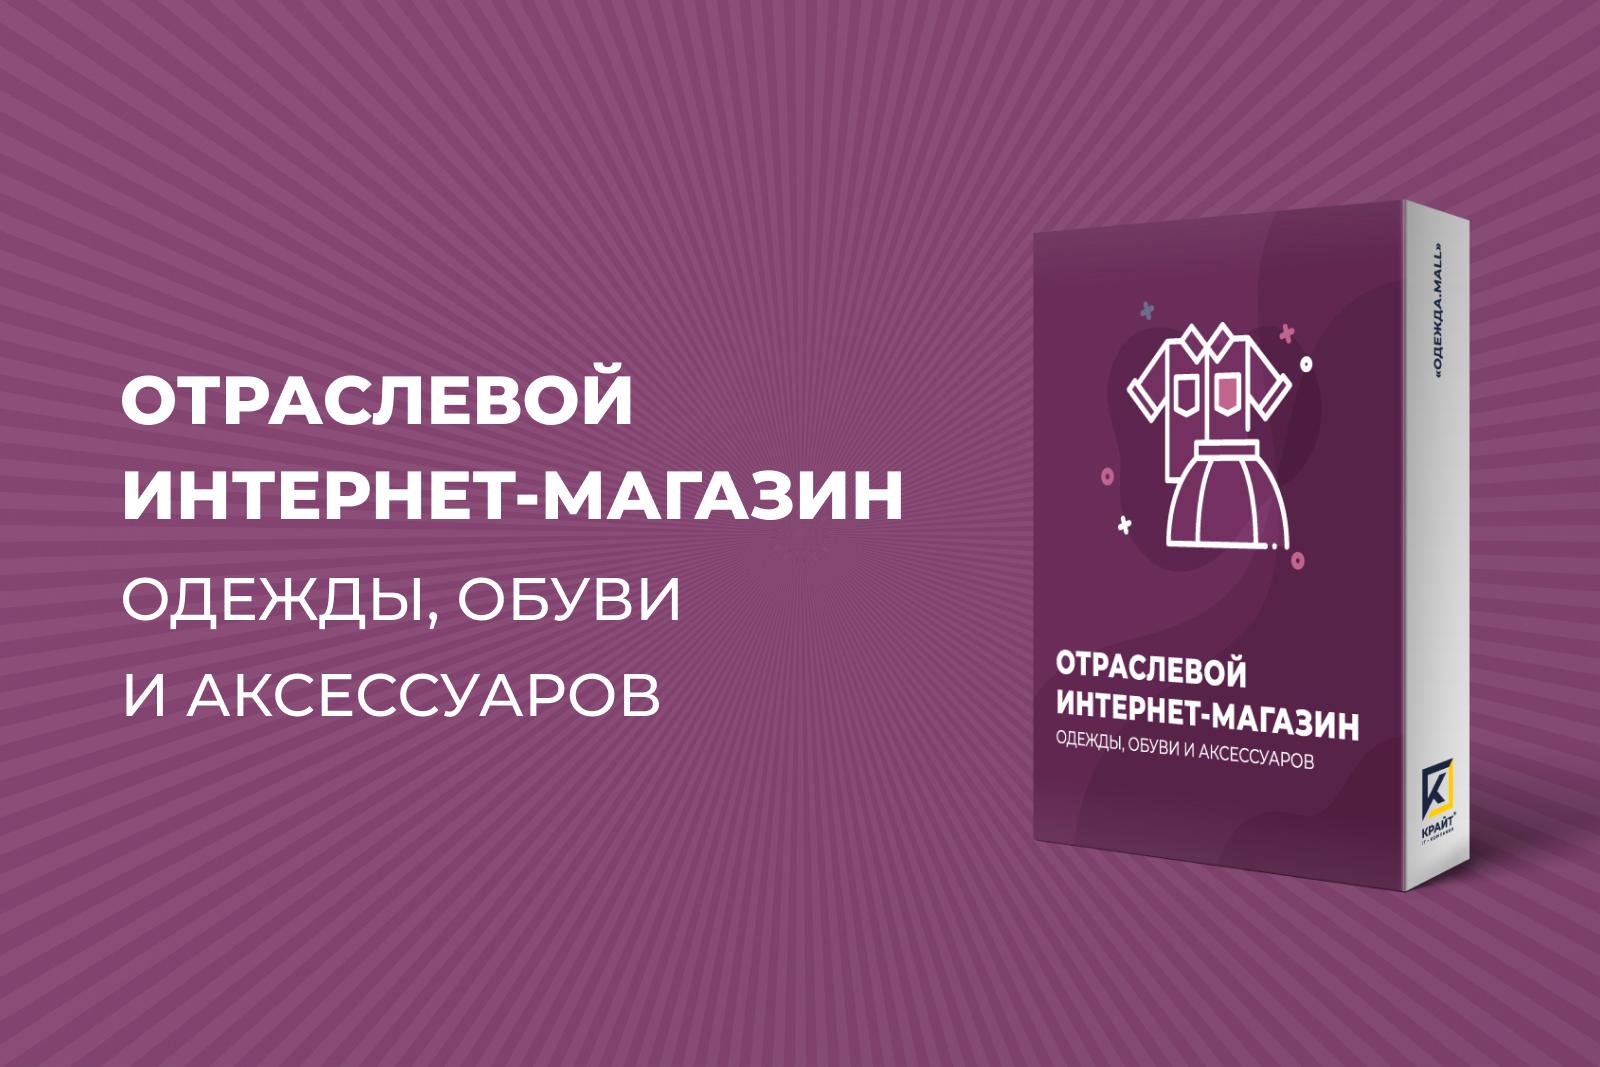 Интернет-магазин одежды, белья и аксессуаров